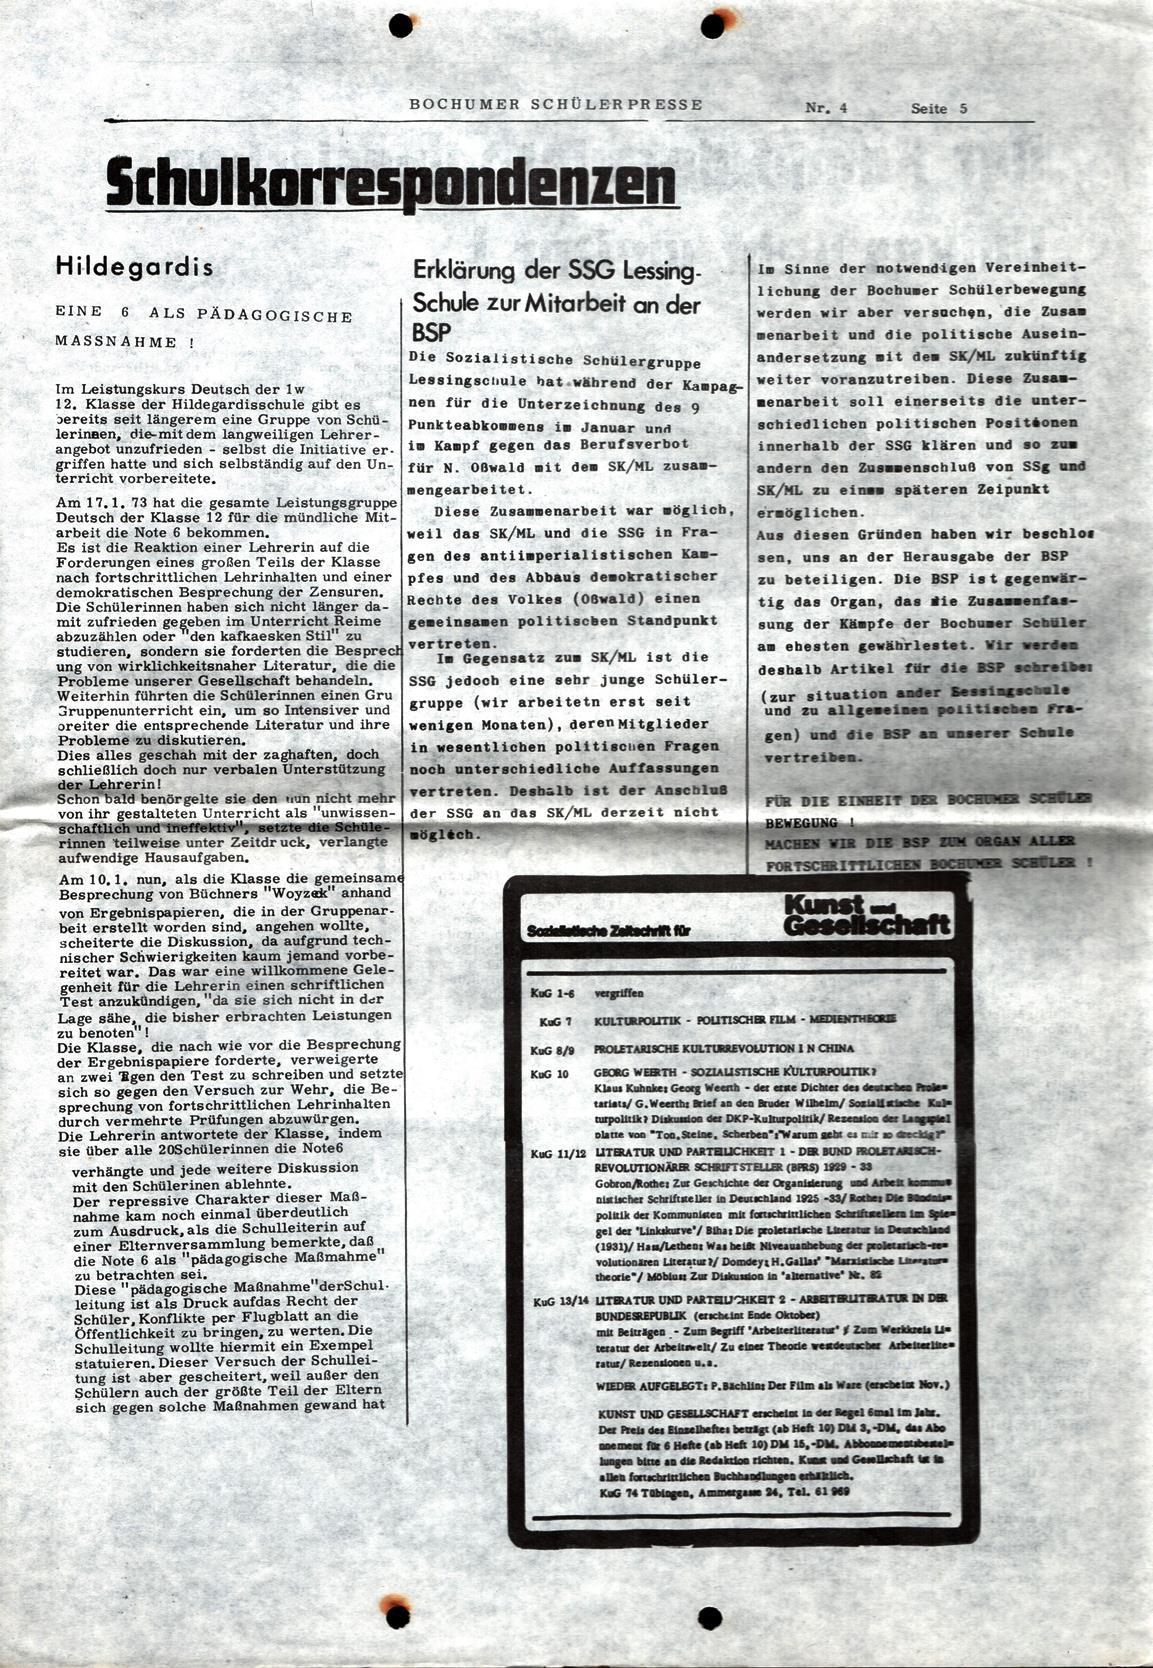 Bochumer_Schuelerpresse_19730200_005